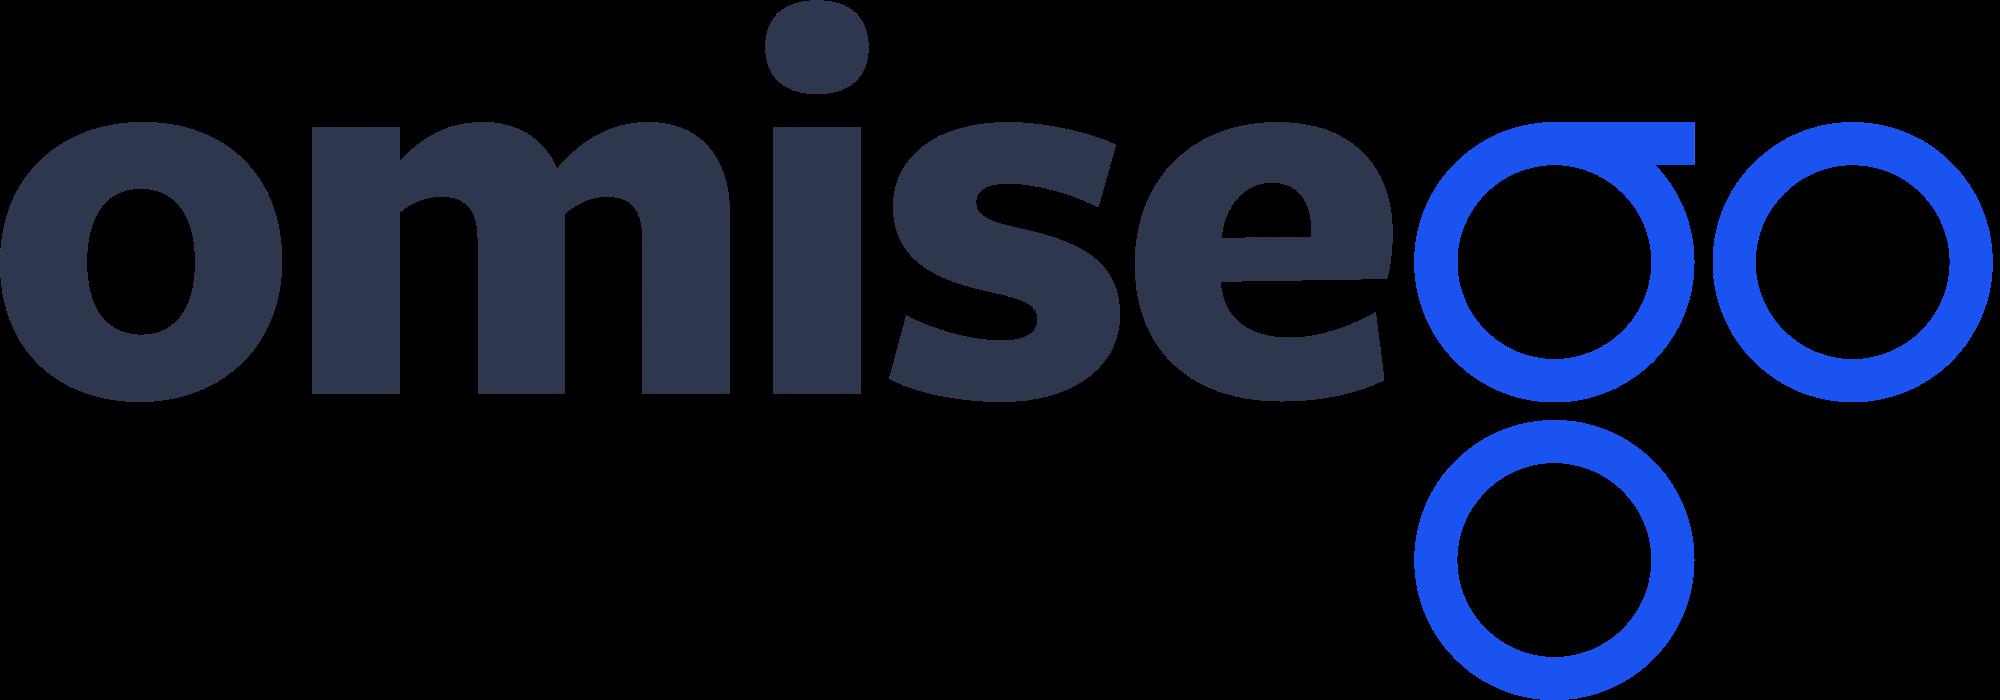 OmiseGo Logo